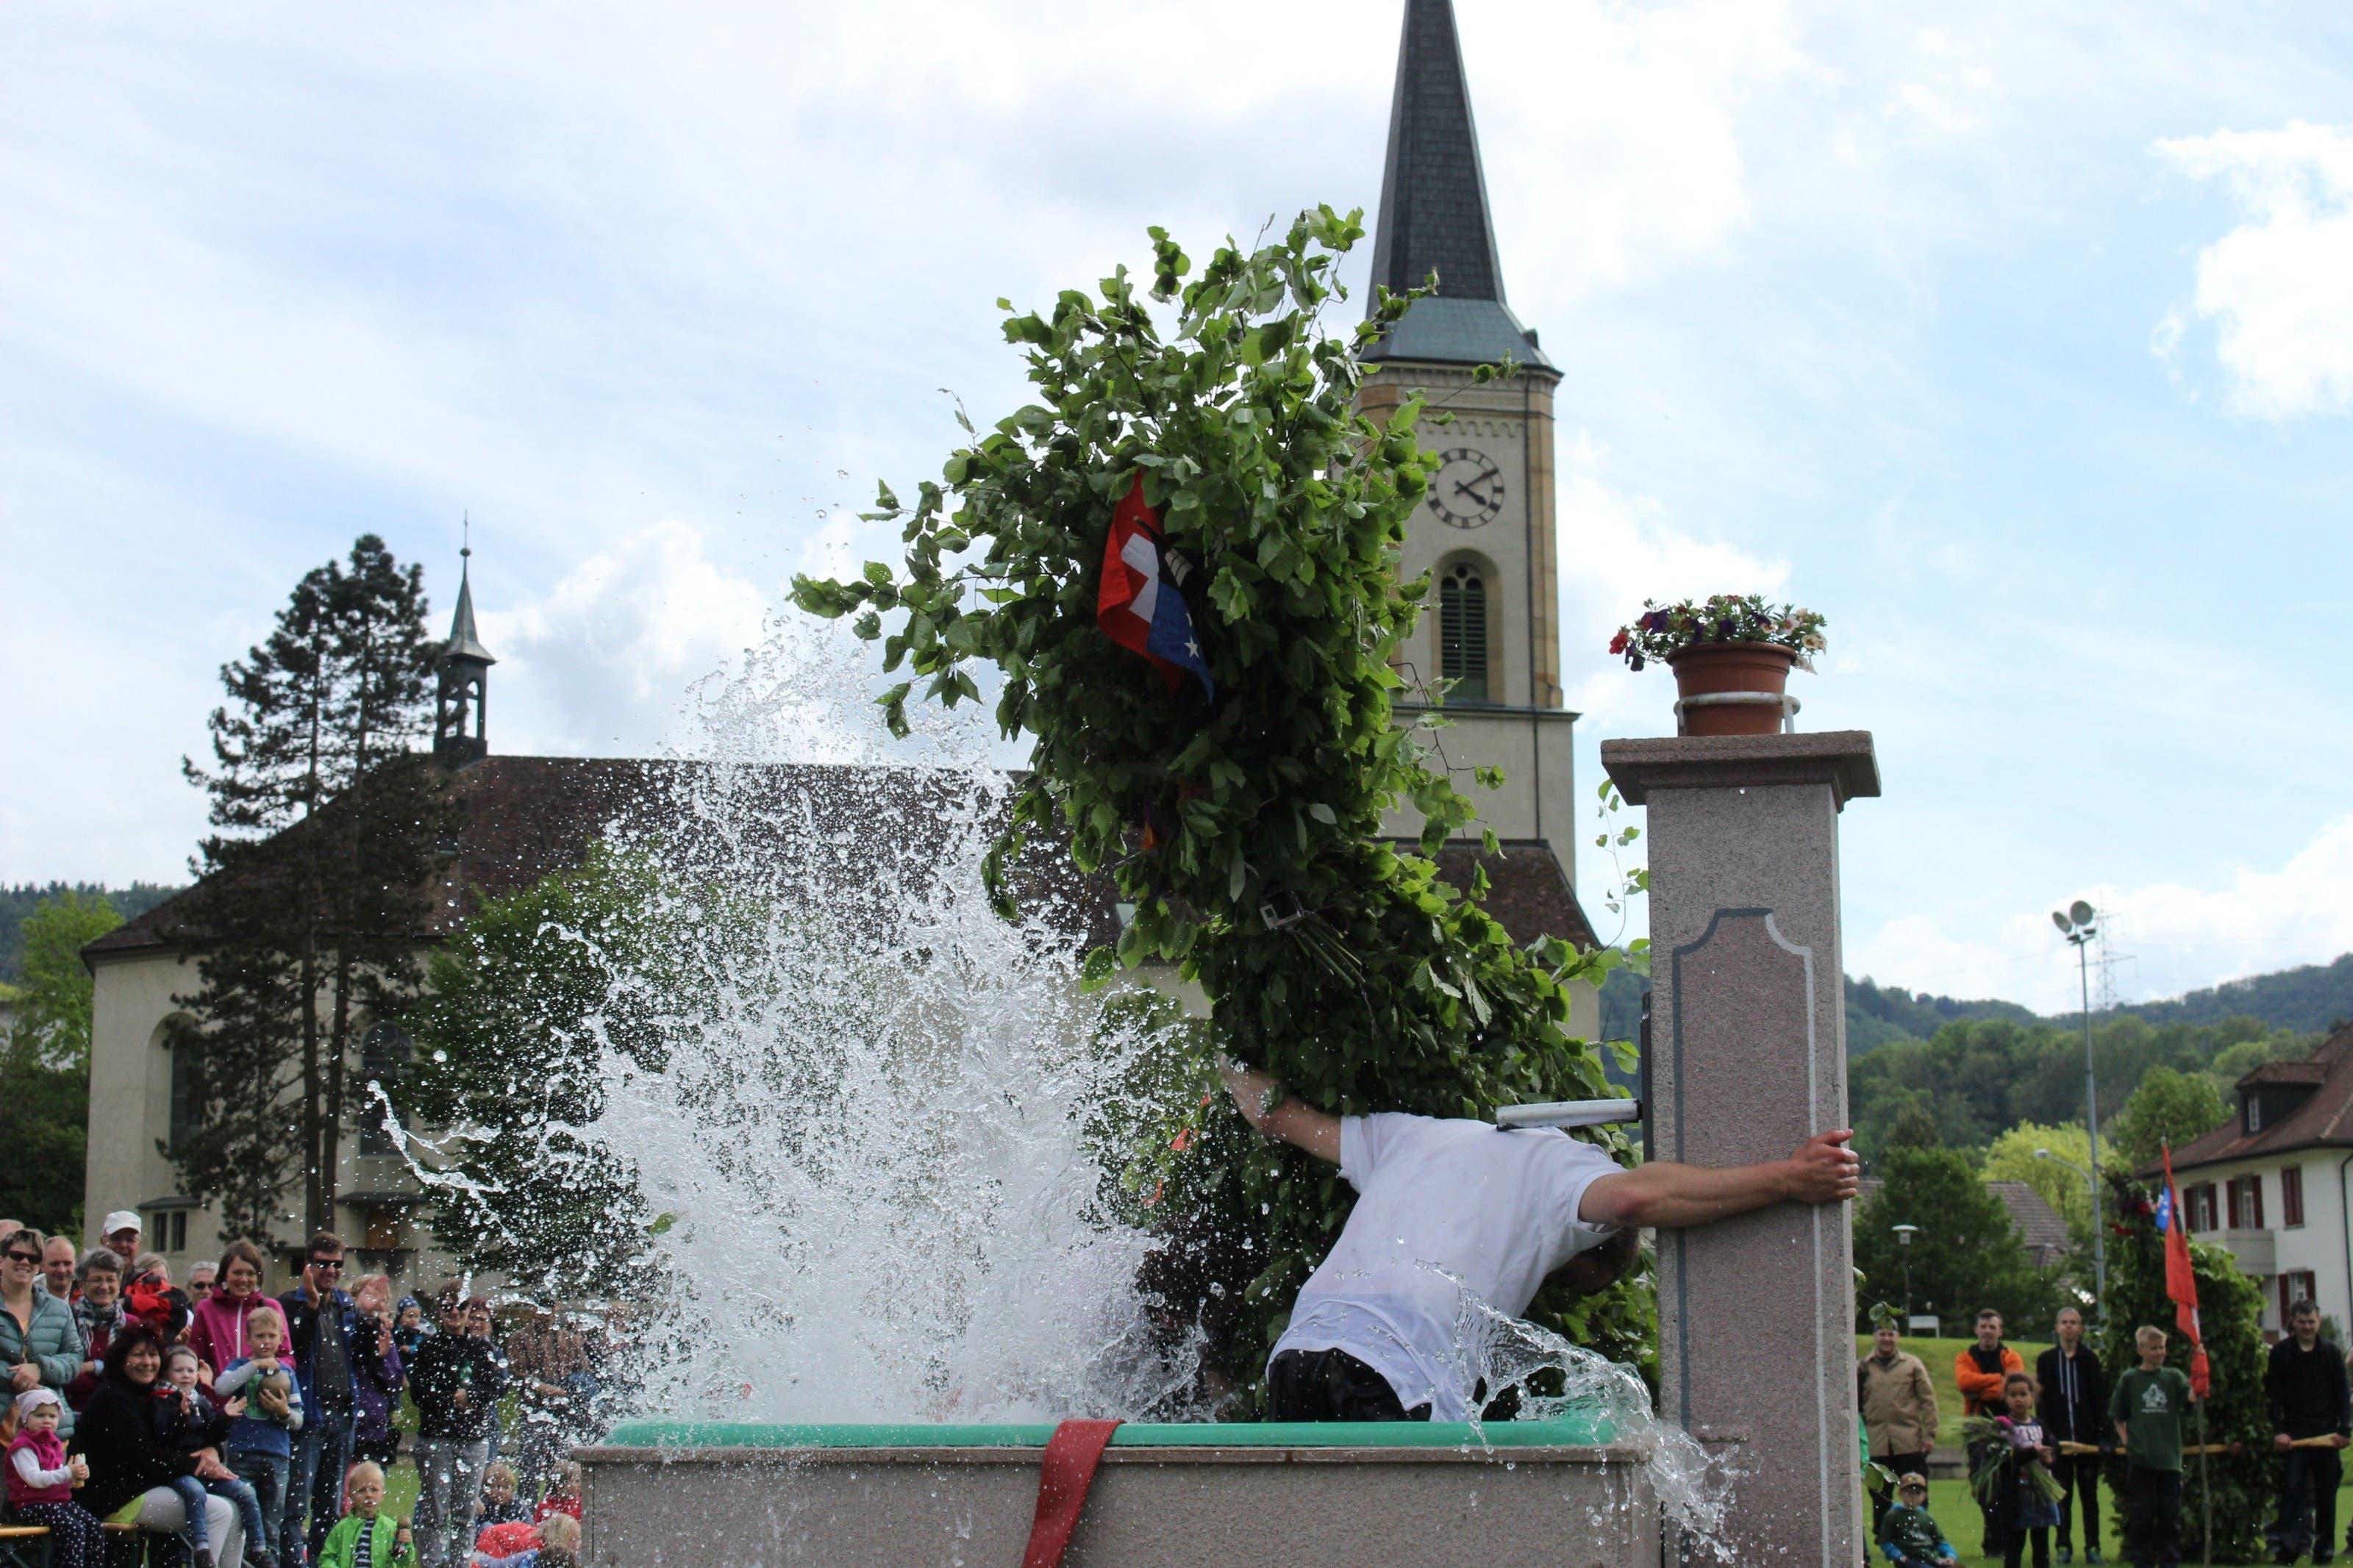 Grosses Finale am Brunnen auf dem Turnhalleplatz